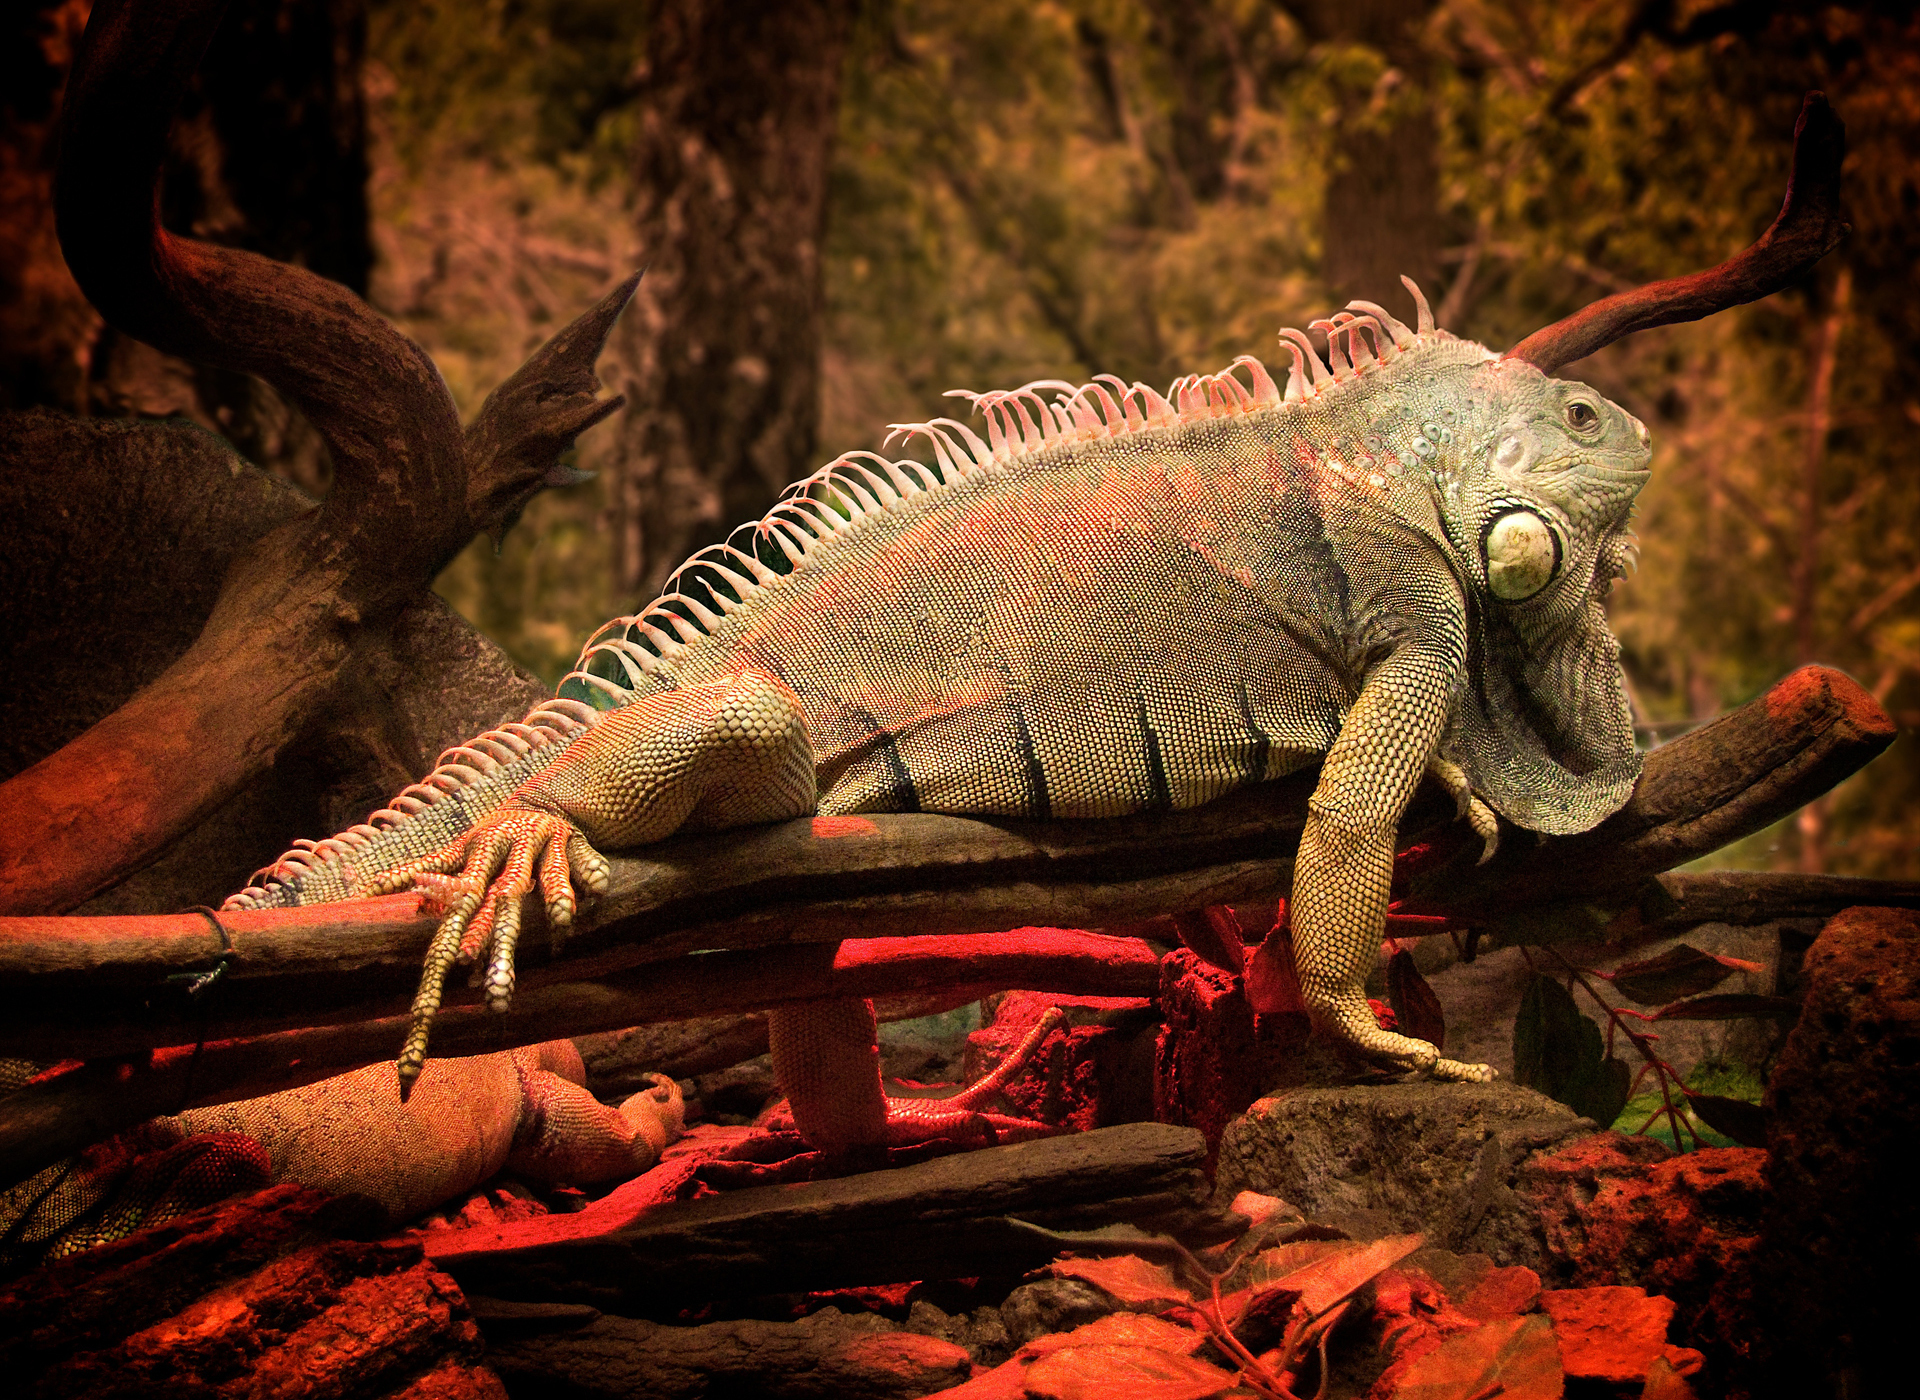 природа животные рептилия  № 234939 загрузить